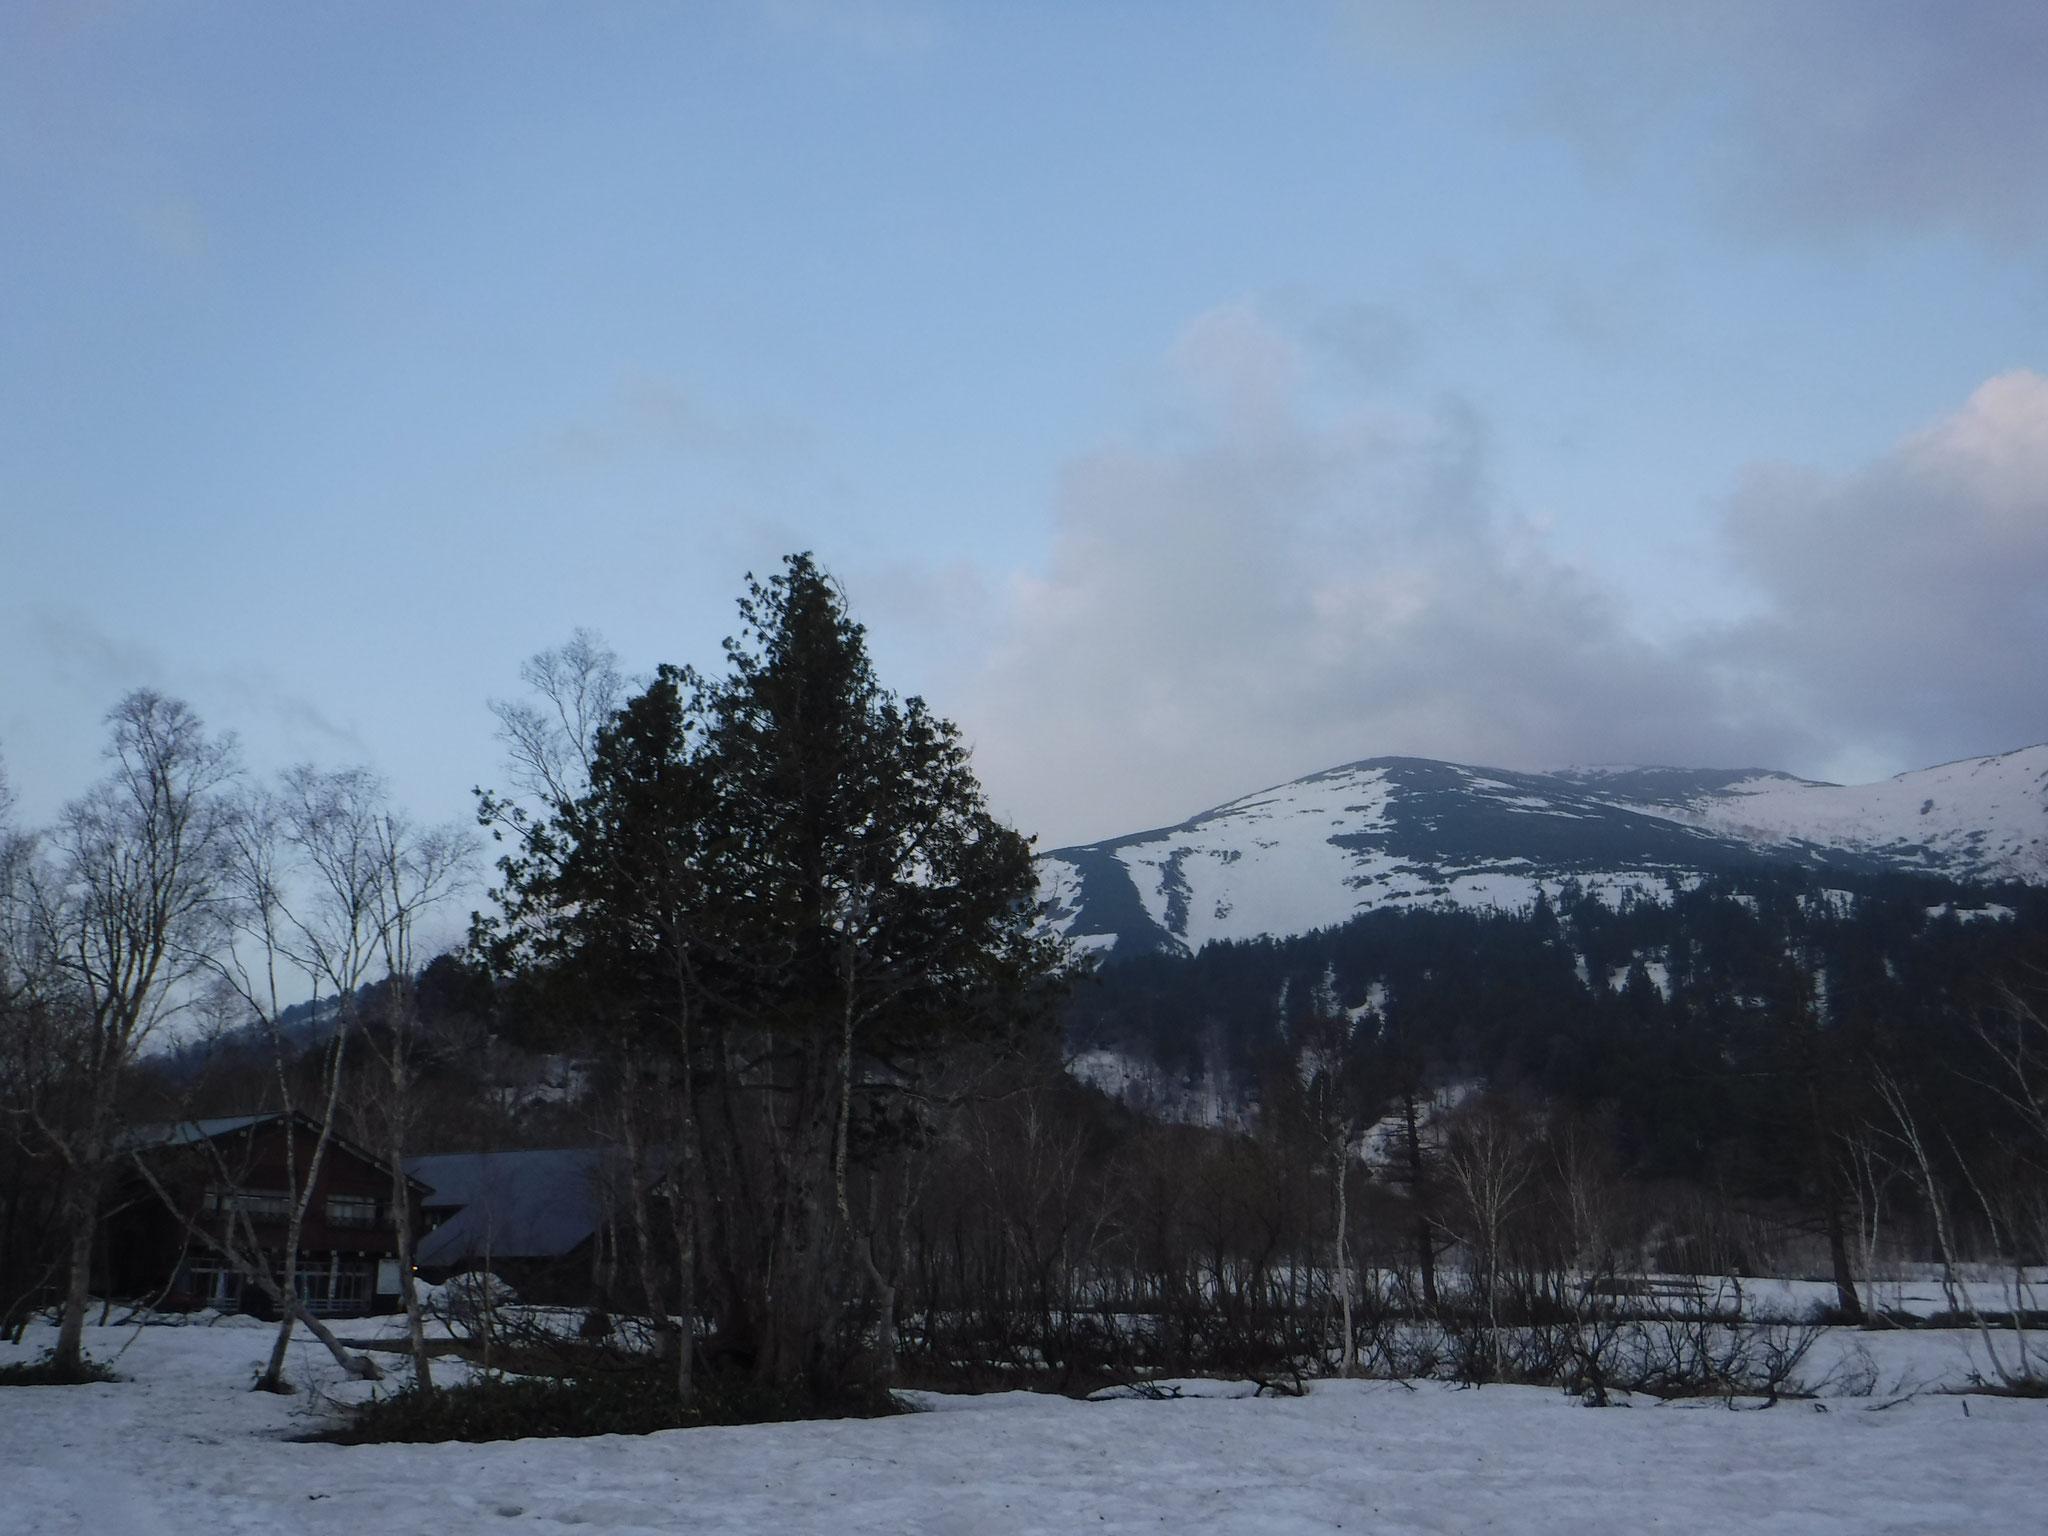 5/1 5:00 山ノ鼻から至仏山